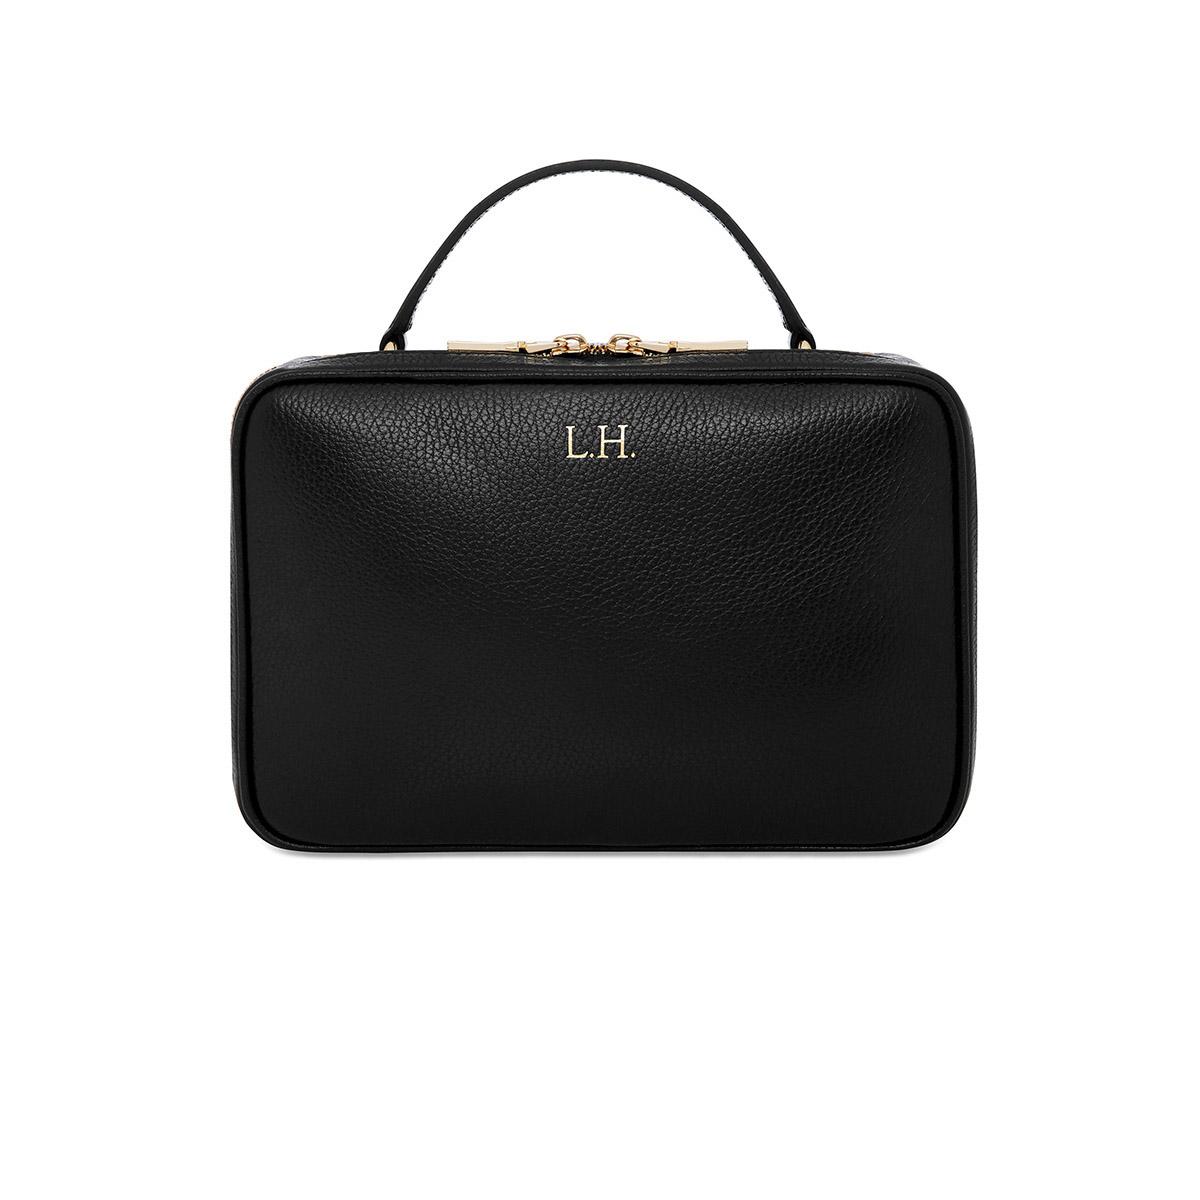 Grainy Black Camera Bag  (Gold Zip)